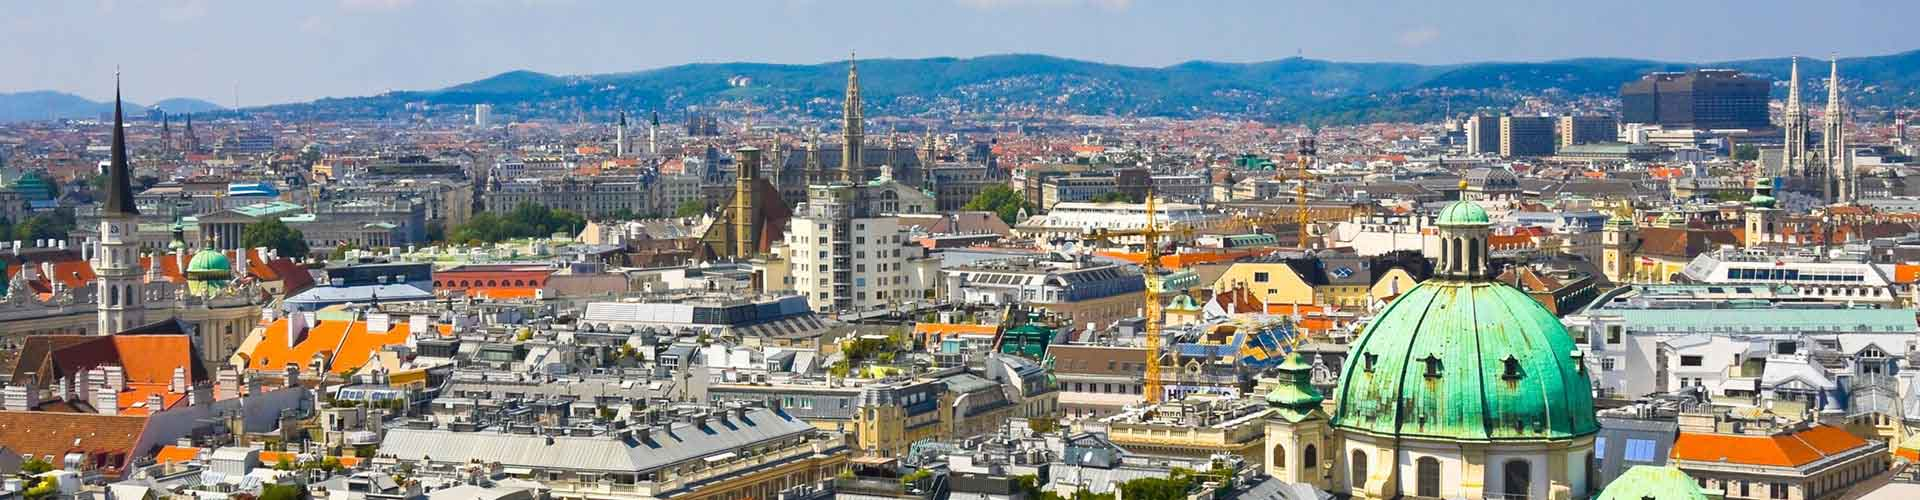 Vienne - Chambres pas chères dans le quartier de Thurygrund. Cartes pour Vienne, photos et commentaires pour chaque chambre à Vienne.